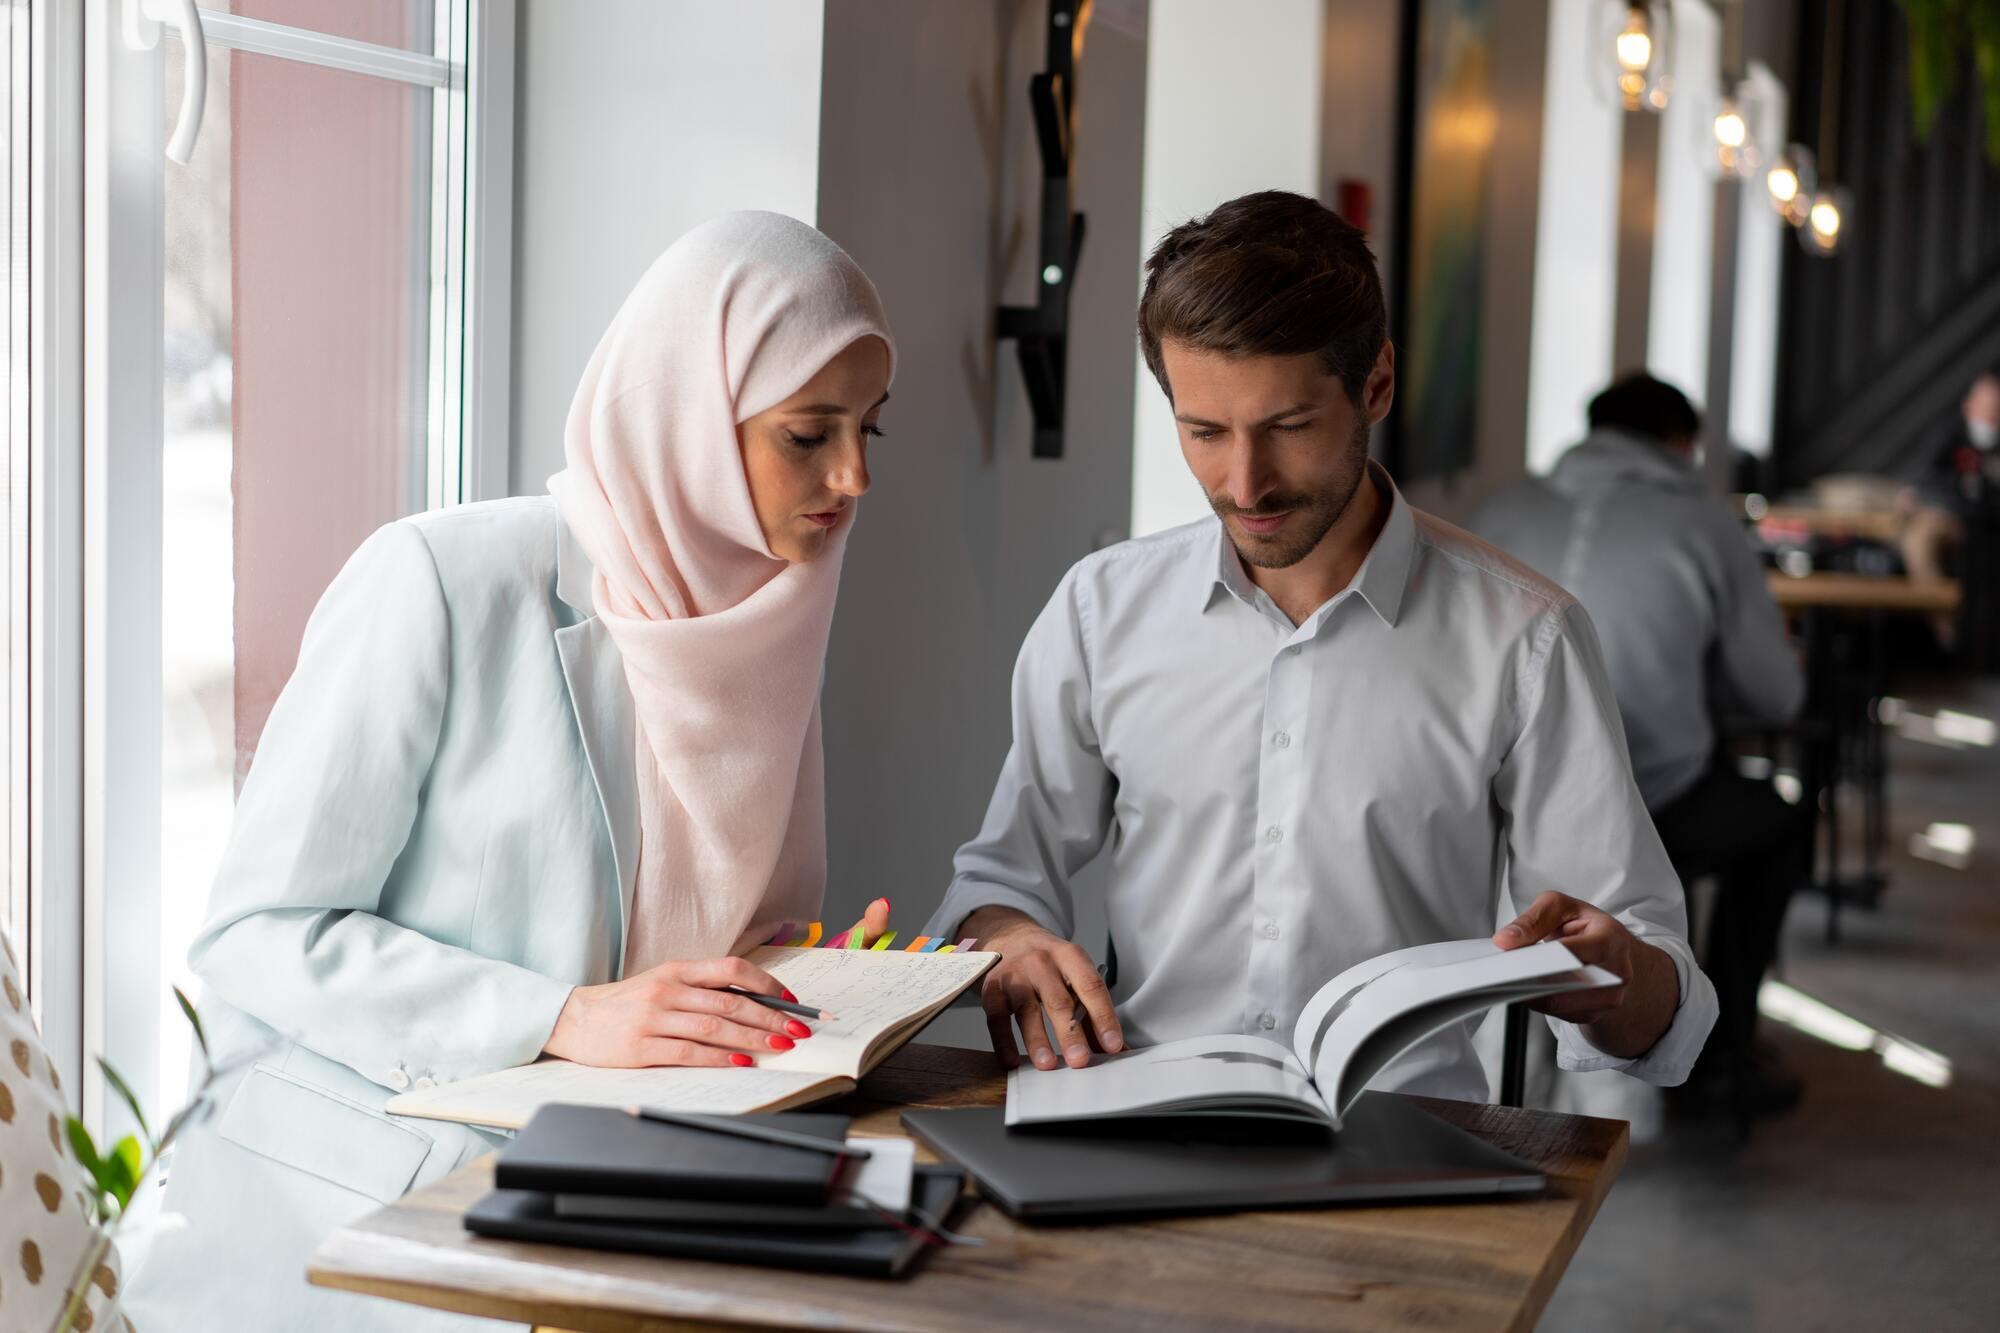 В арабській культурі прийнято говорити з паузами